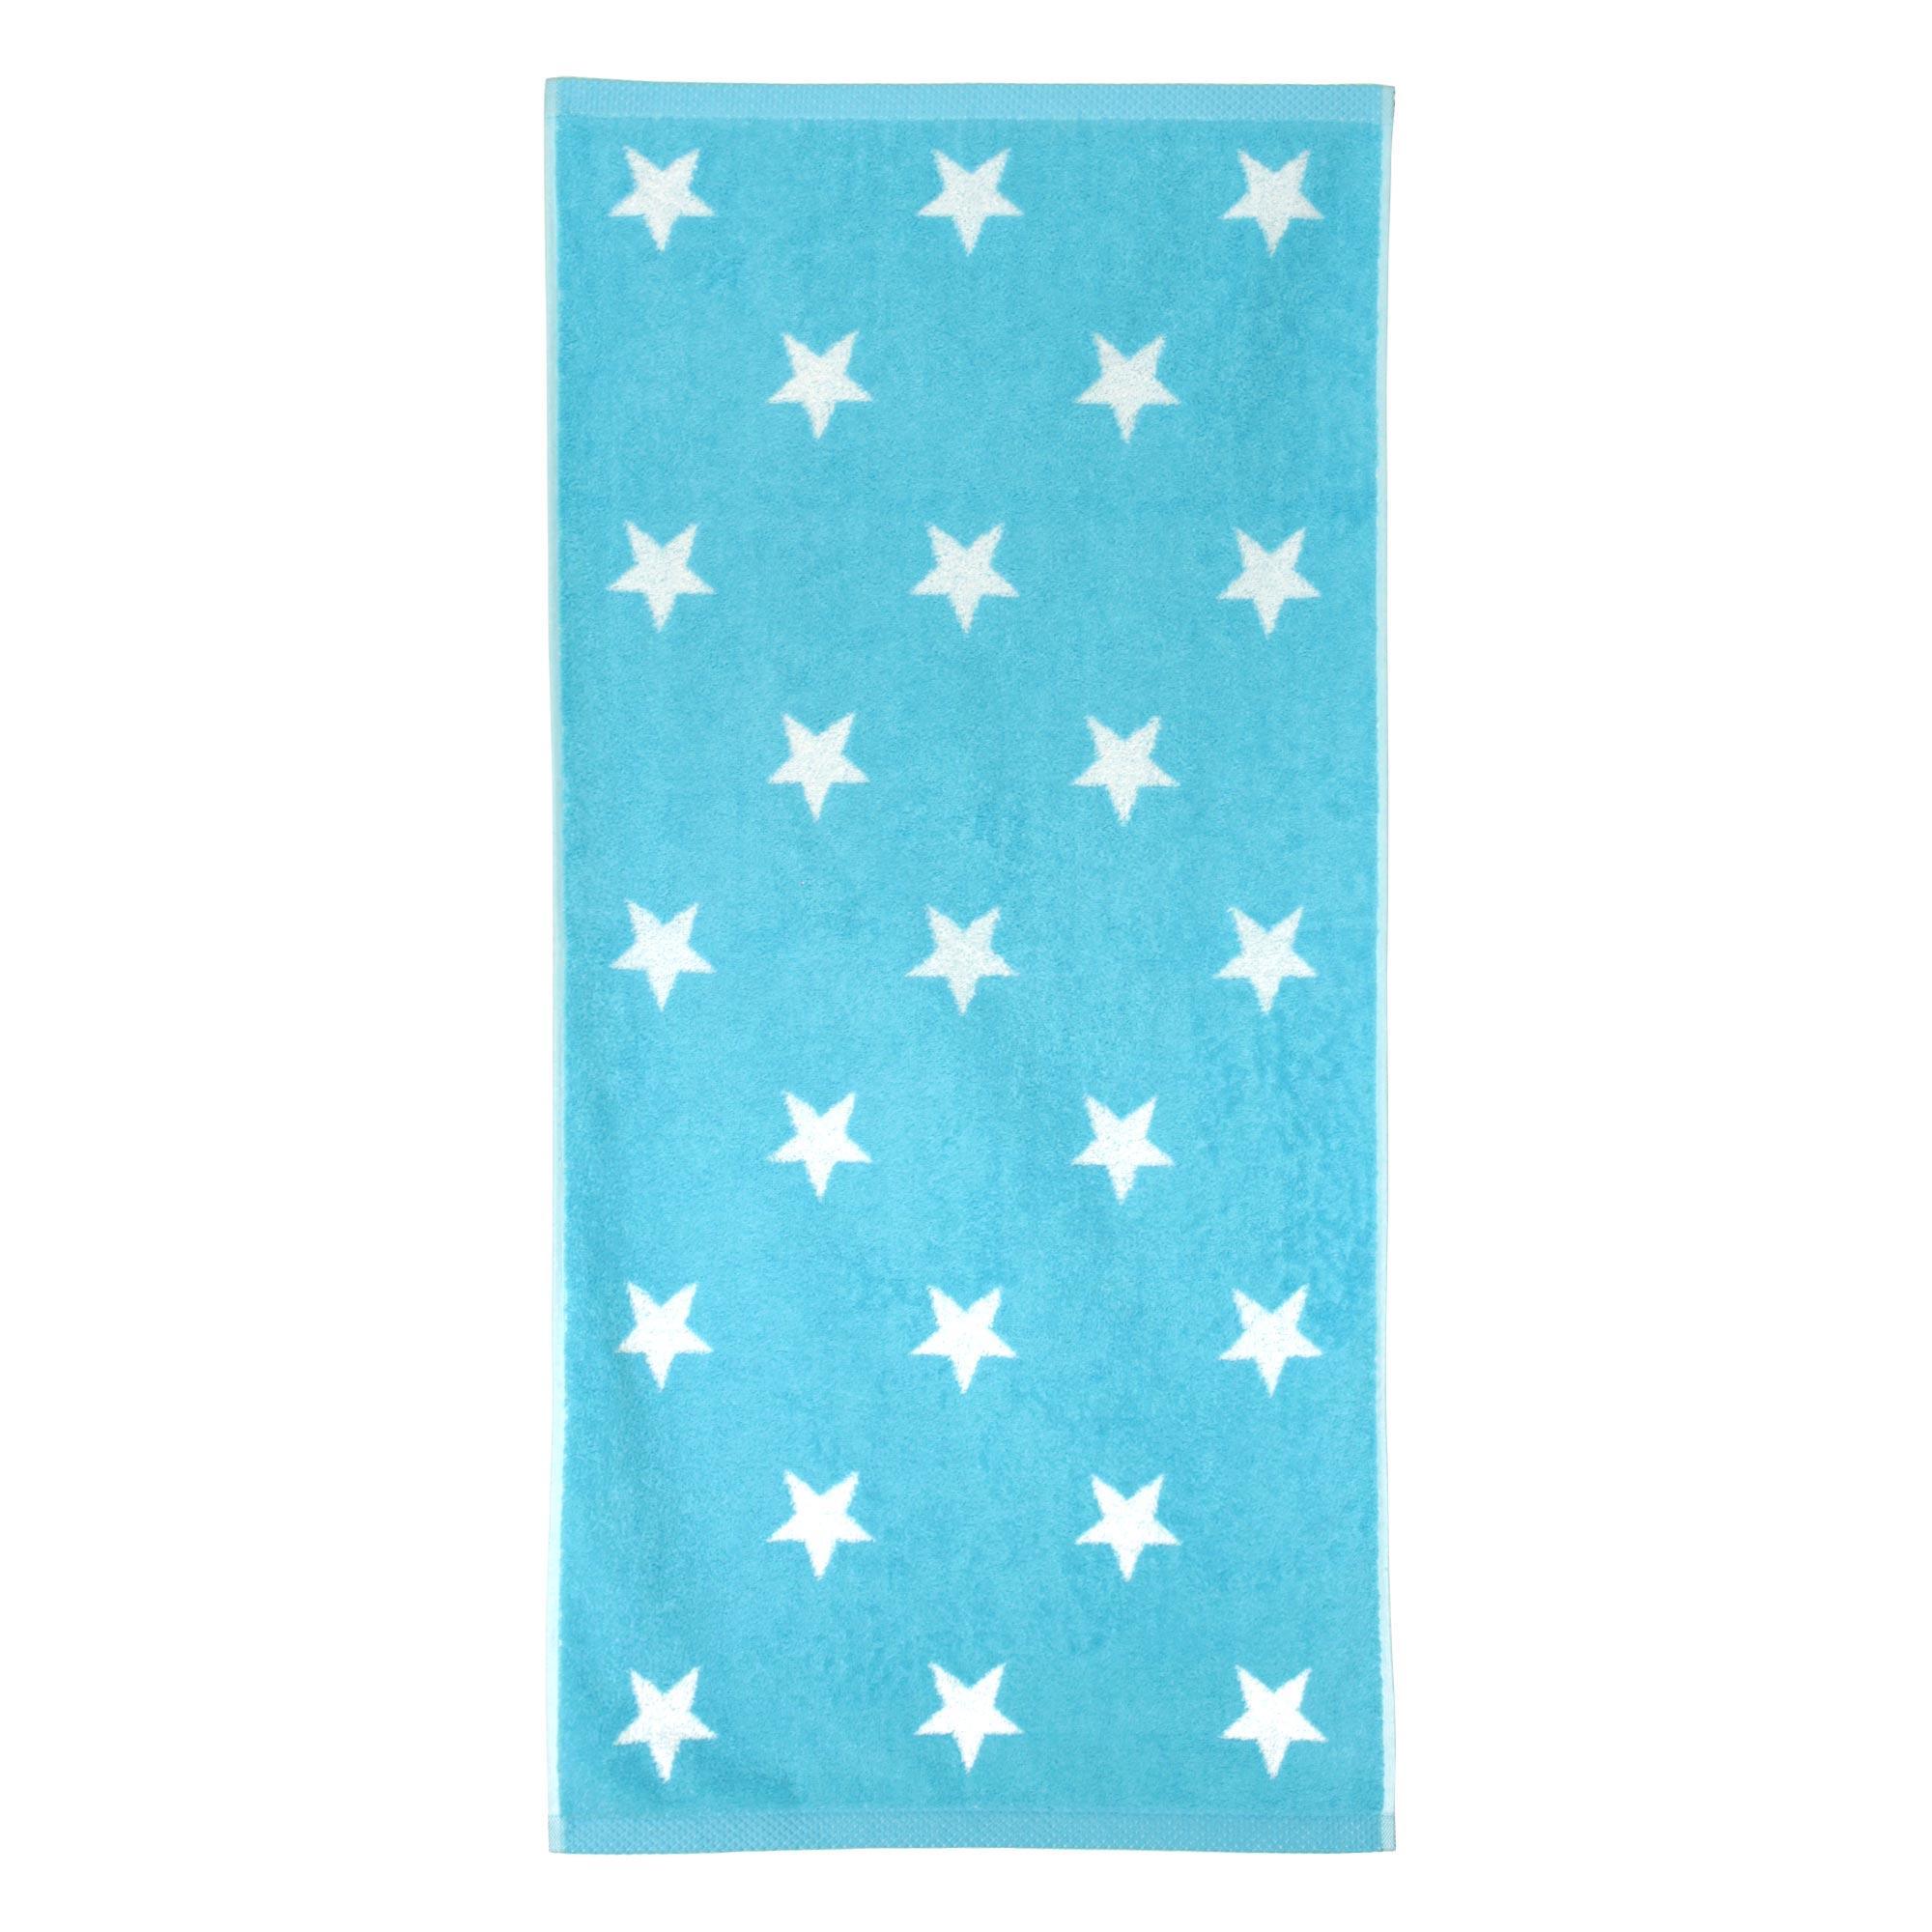 serviette de toilette 50x100 cm coton stars bleu turquoise linnea linge de maison et. Black Bedroom Furniture Sets. Home Design Ideas